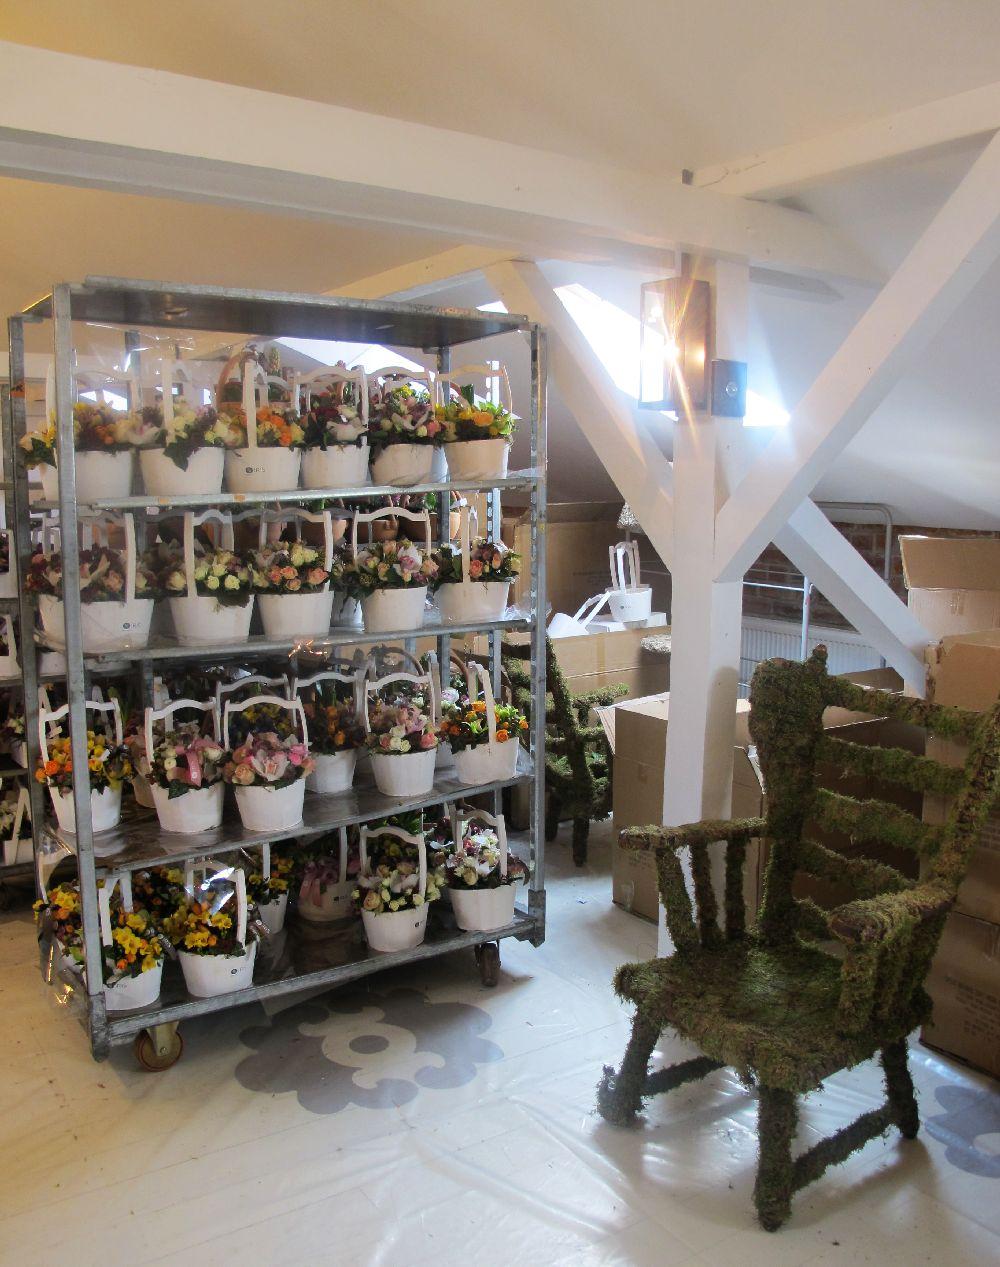 adelaparvu.com despre atelierul designerului florist Nicu Bocancea, Foraria Iris, design interior Pascal Delmotte (57)